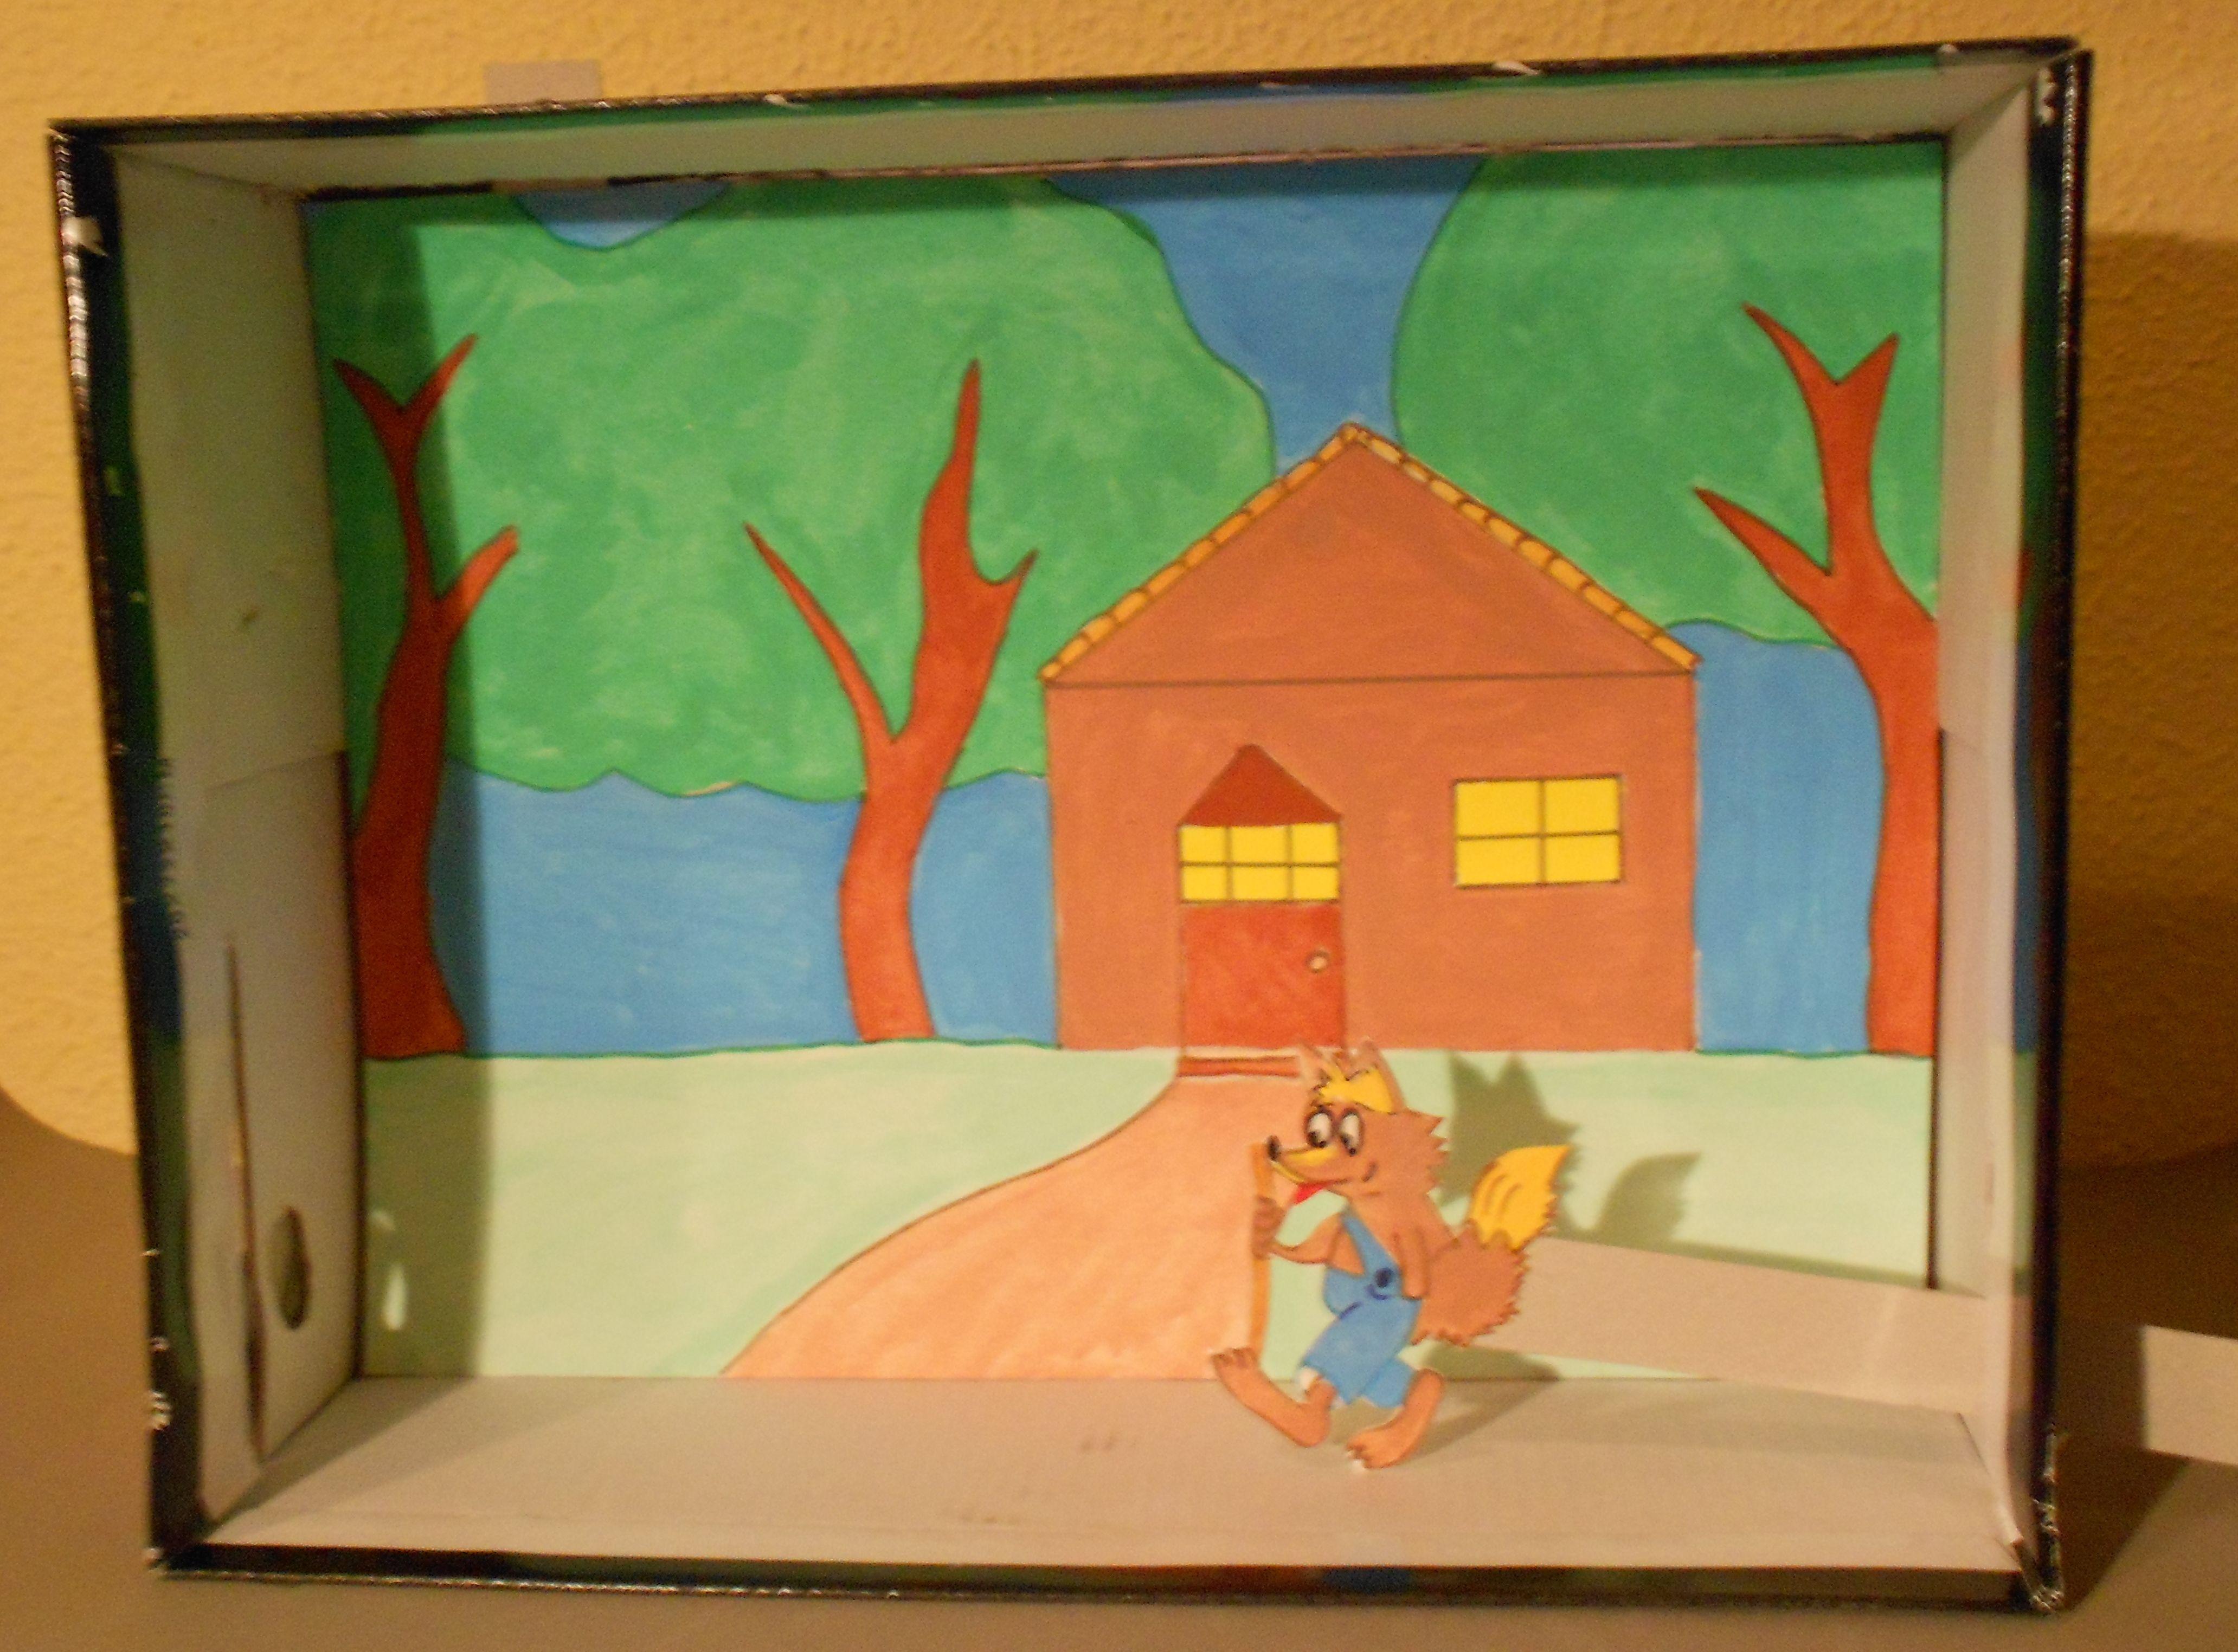 C mo hacer un teatrillo con una caja de zapatos - Como hacer una maqueta de una casa ...